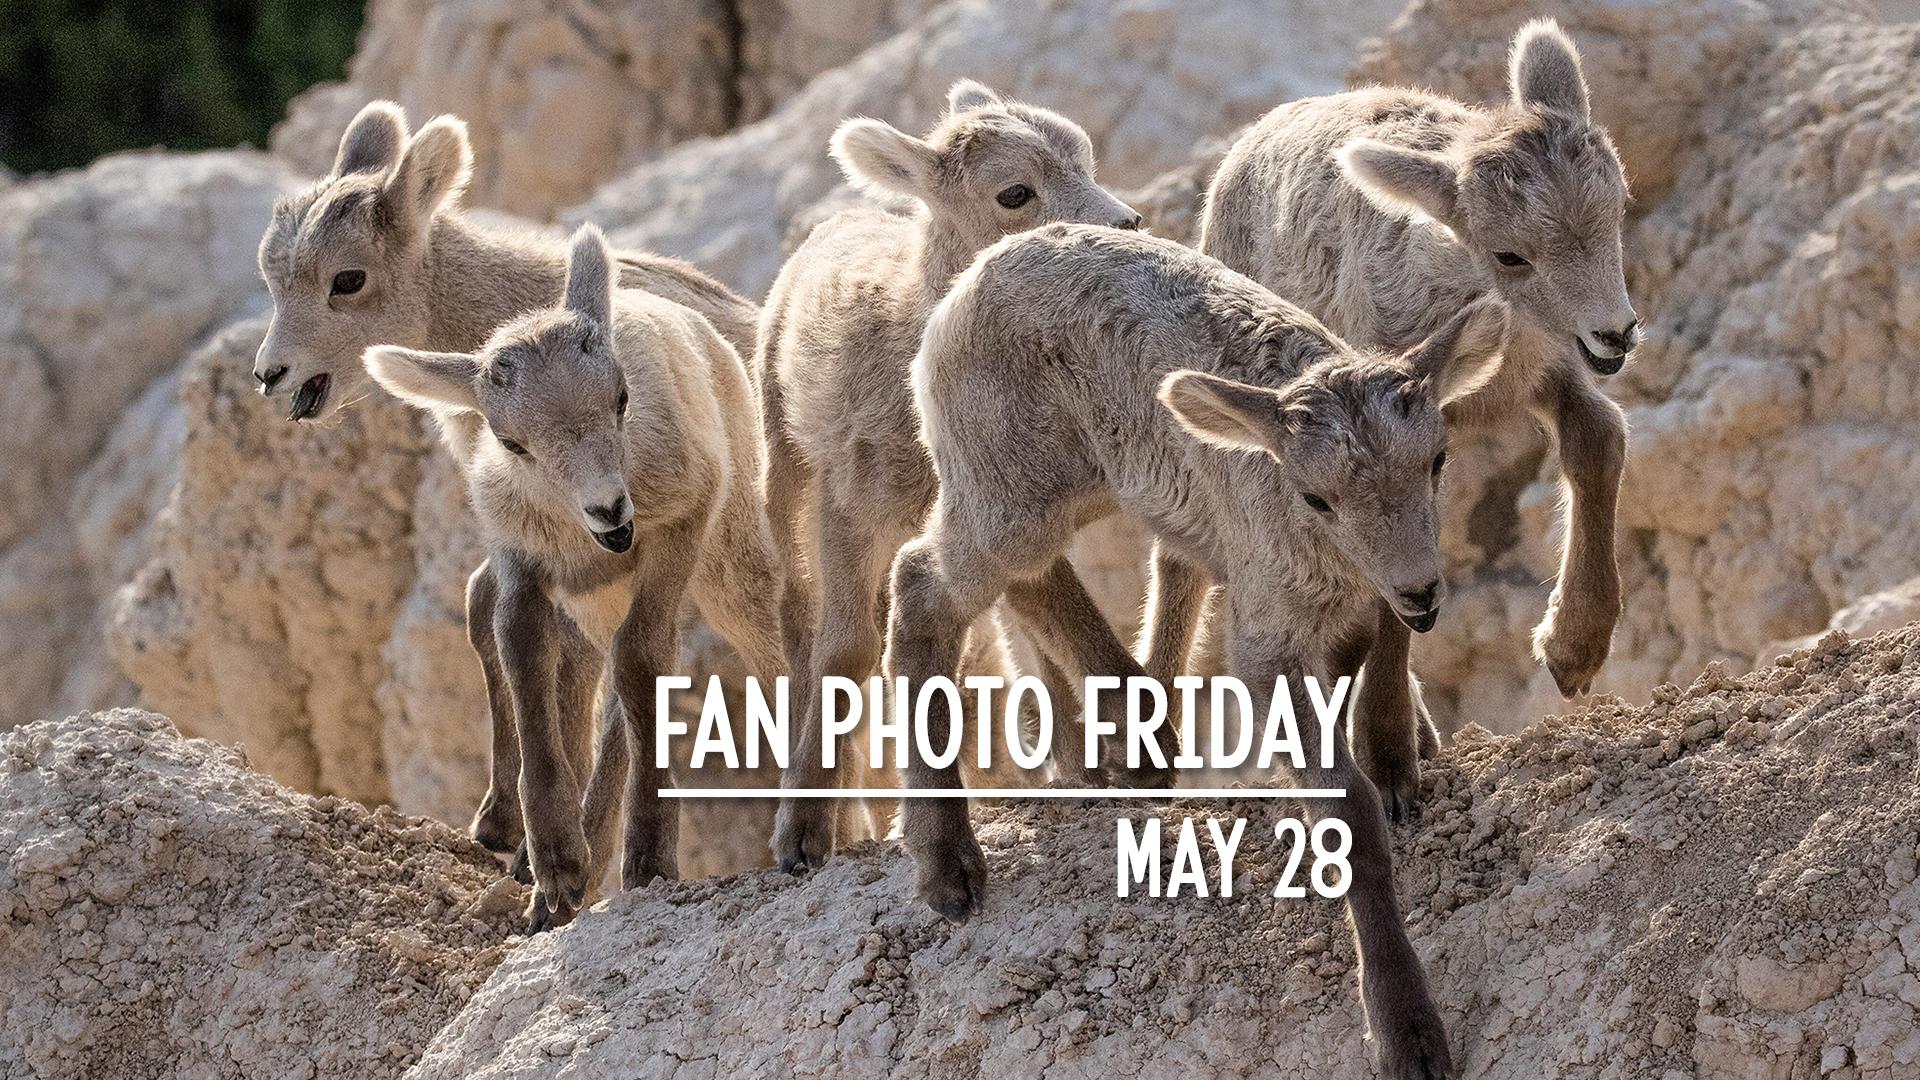 Fan Photo Friday | May 28, 2021